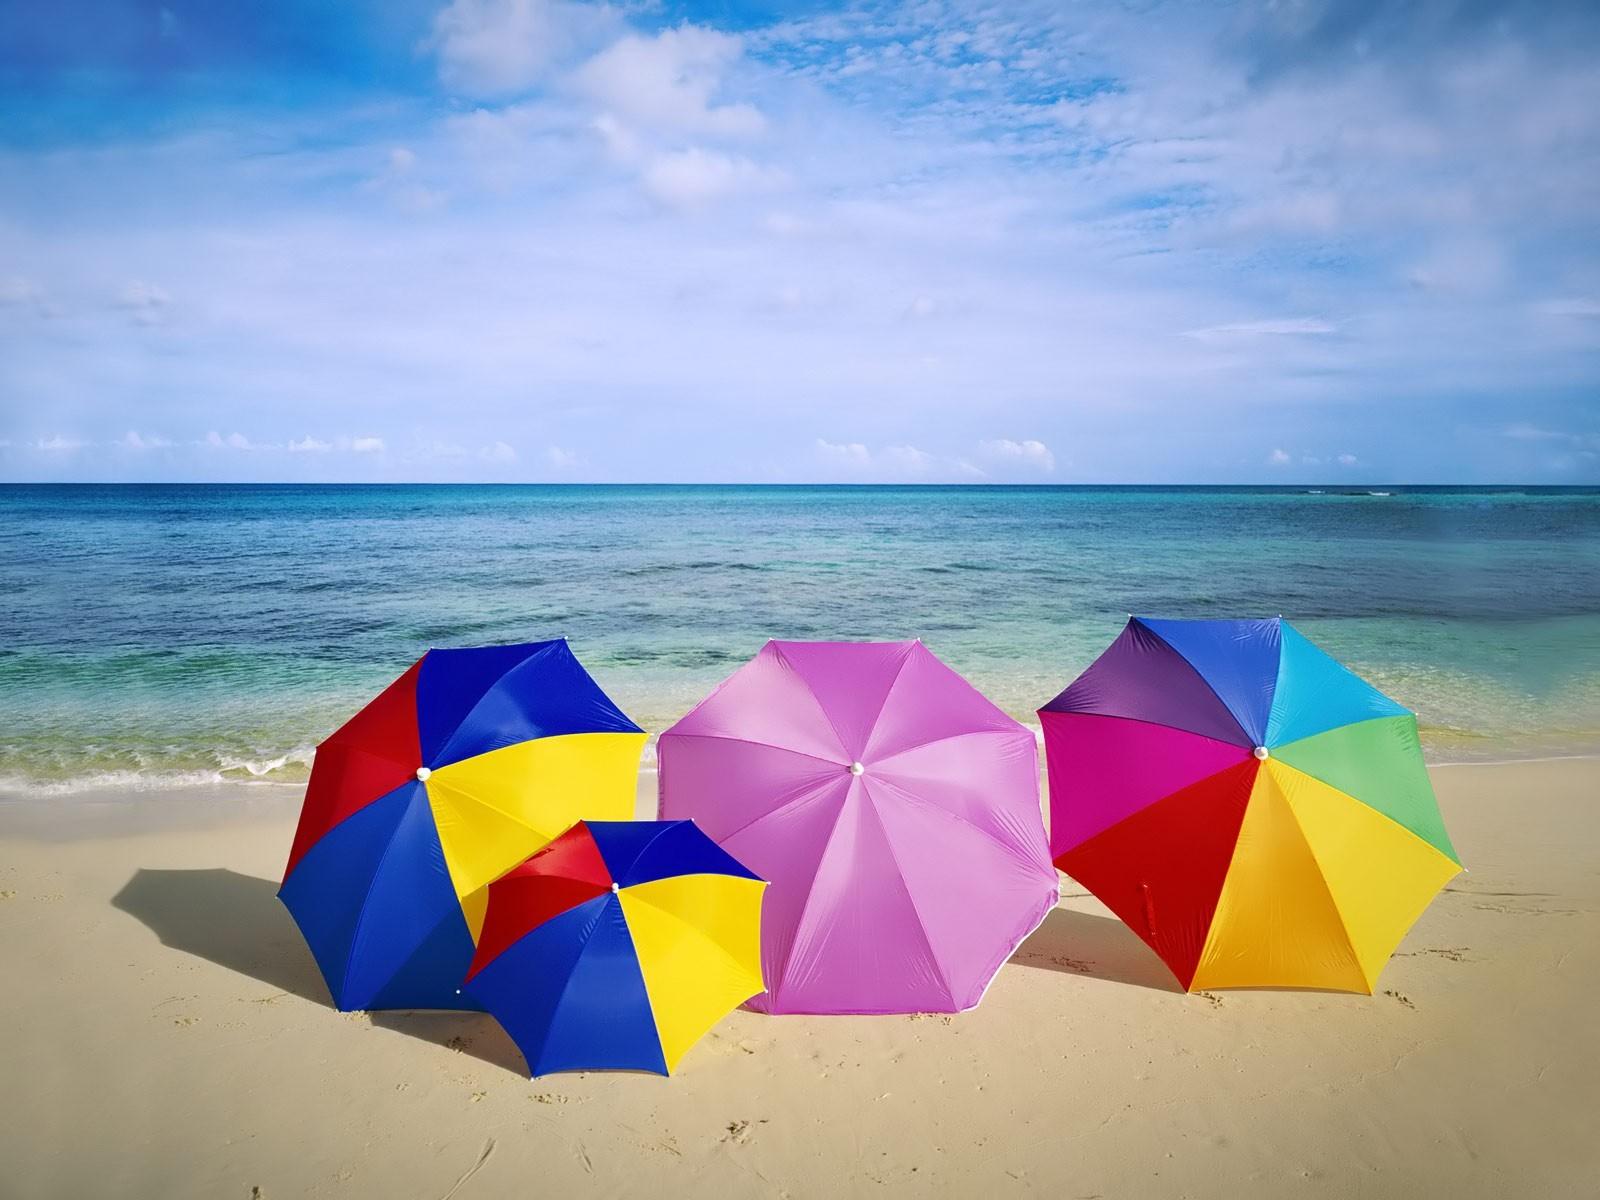 Sombrillas de colores para playa - 1600x1200